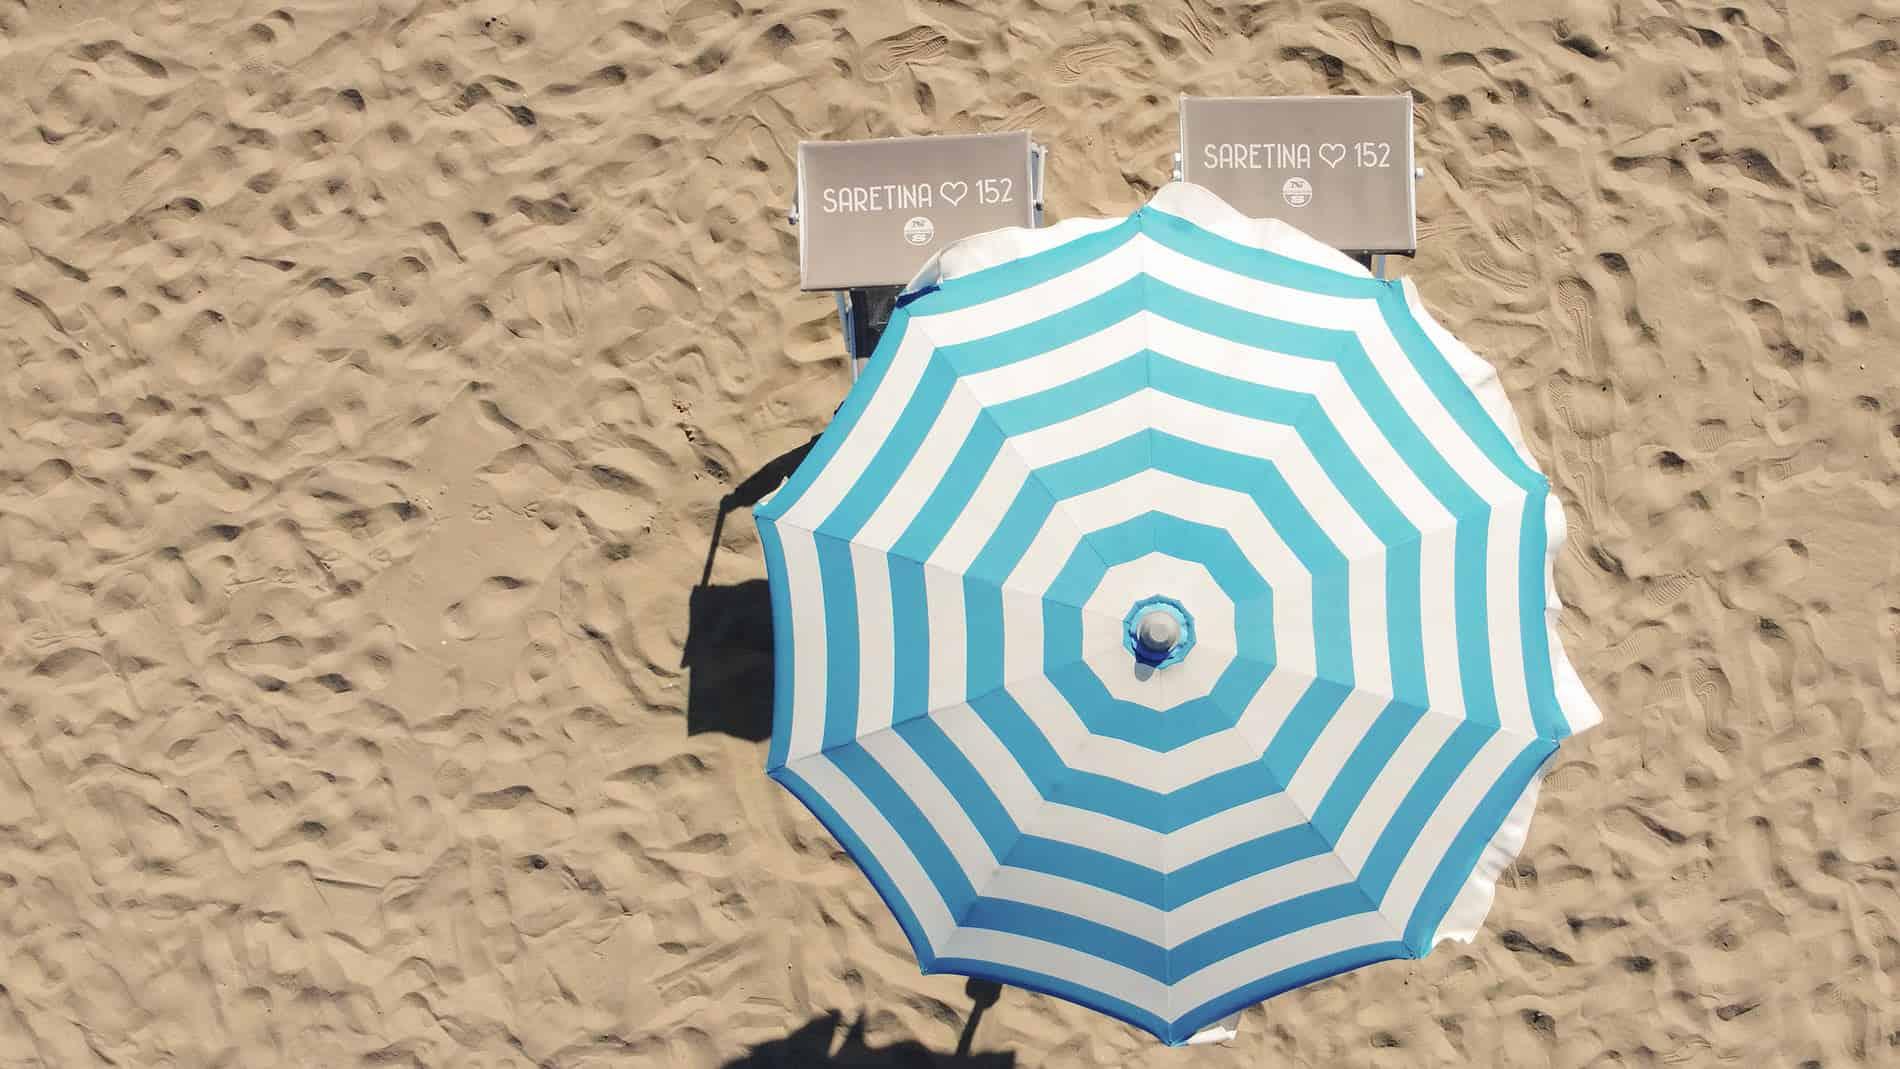 saretina-spiaggia-cervia